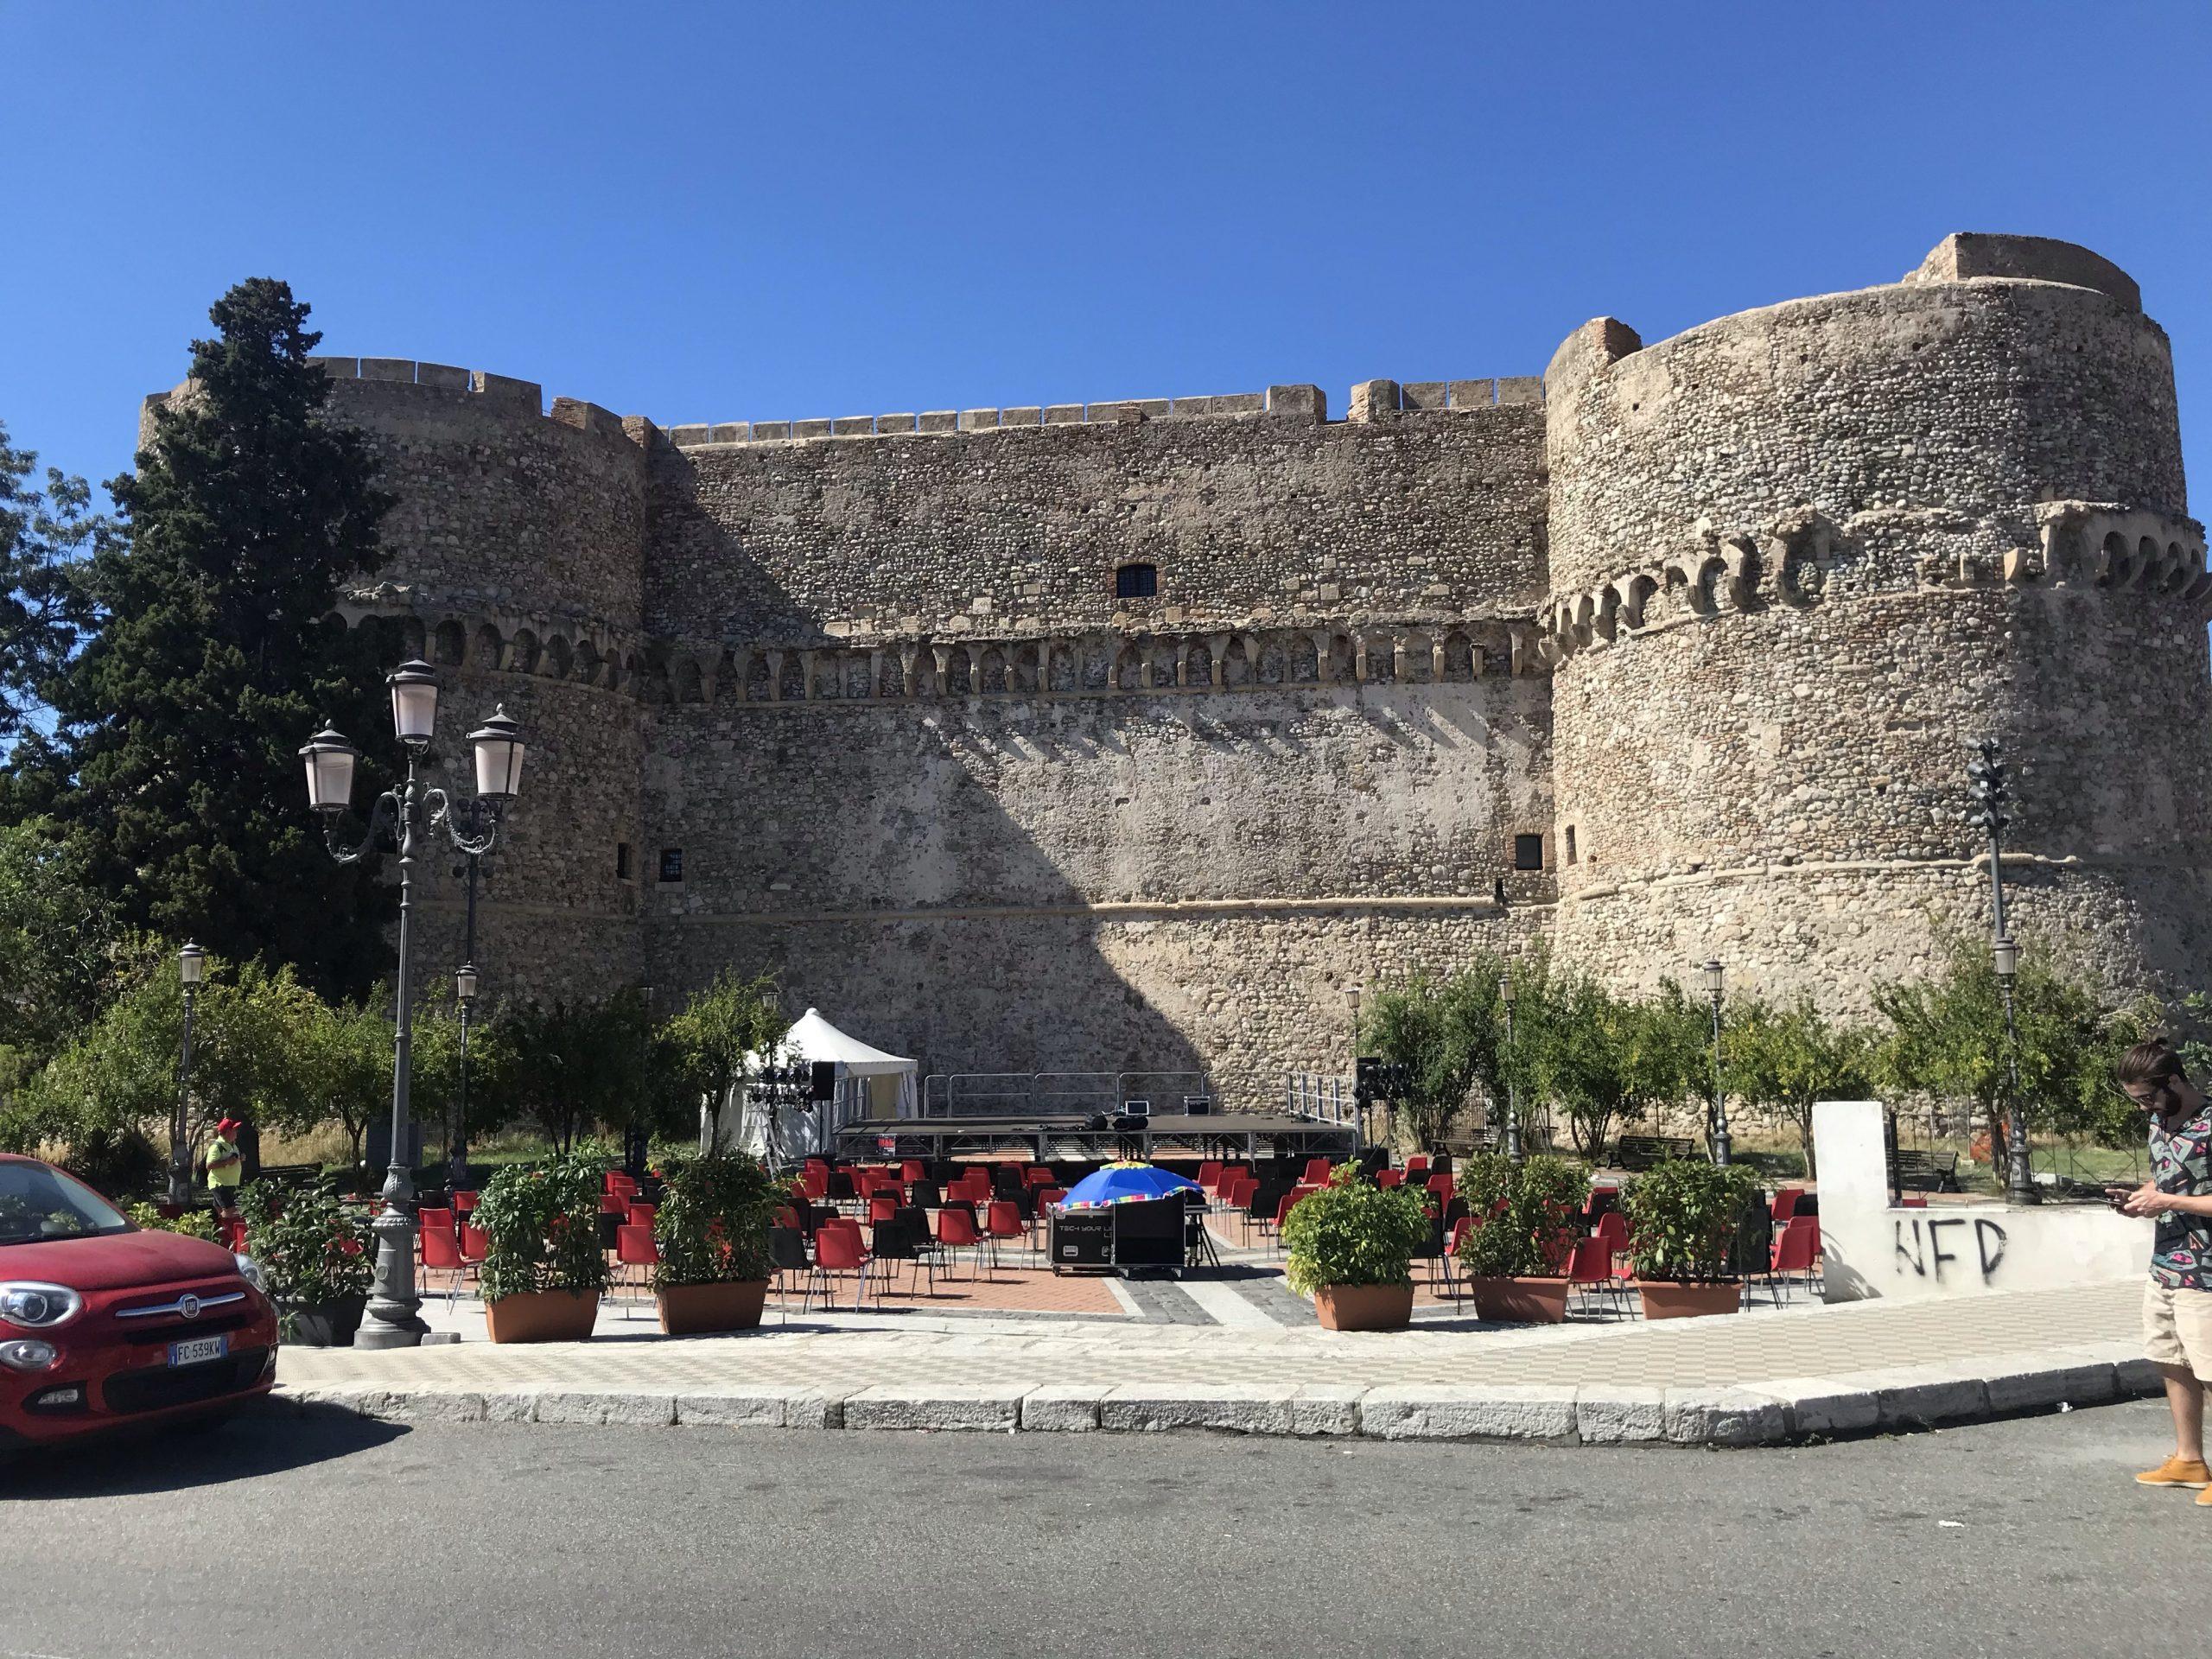 Reggio Calabria punta d'Italia